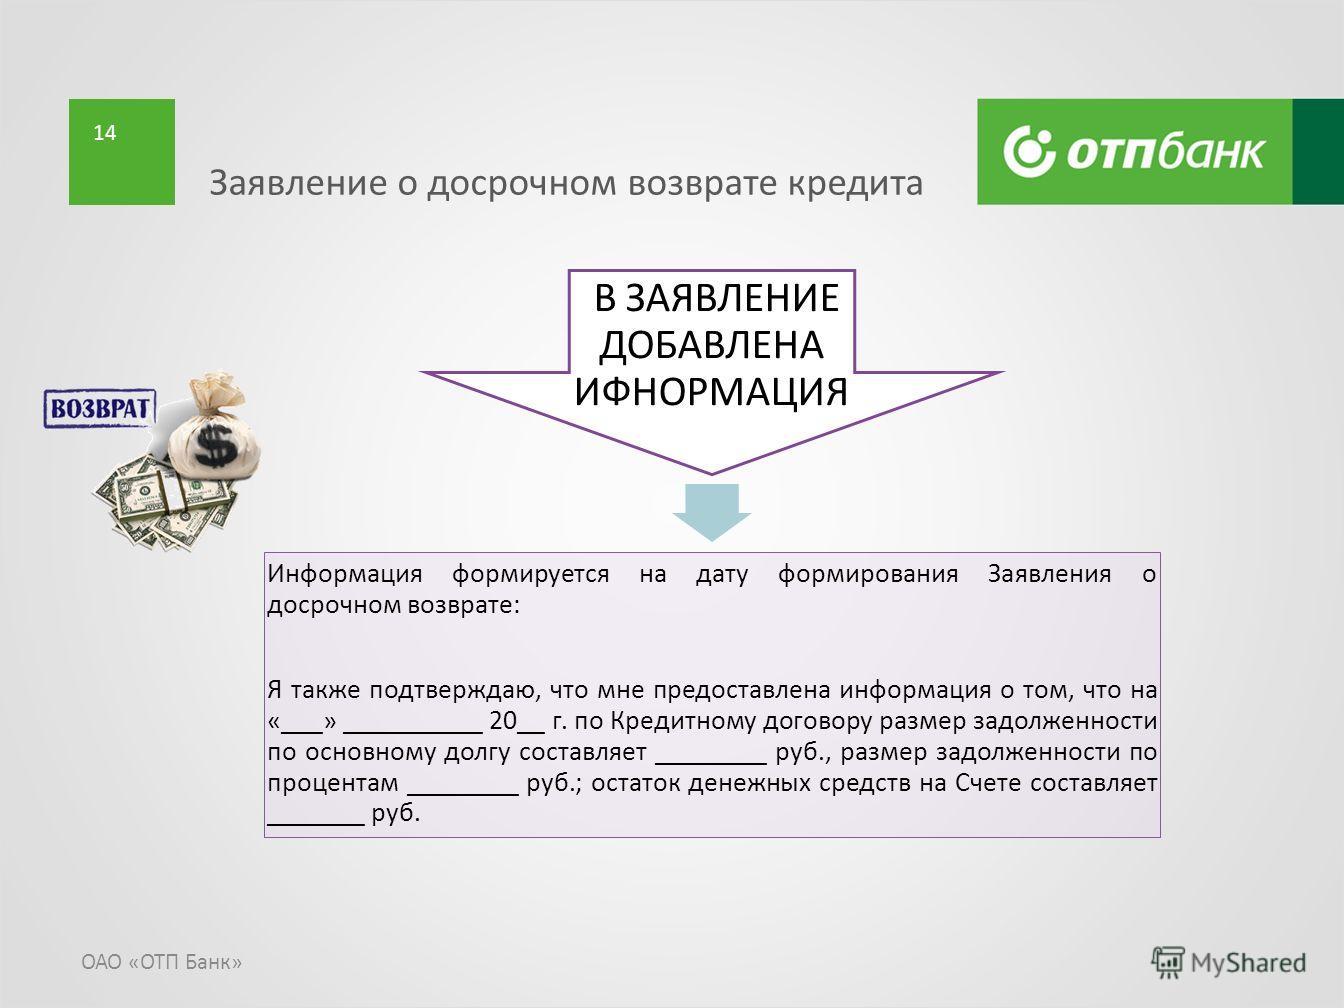 Заявление о досрочном возврате кредита ОАО «ОТП Банк» 14 В ЗАЯВЛЕНИЕ ДОБАВЛЕНА ИФНОРМАЦИЯ Информация формируется на дату формирования Заявления о досрочном возврате: Я также подтверждаю, что мне предоставлена информация о том, что на «___» __________